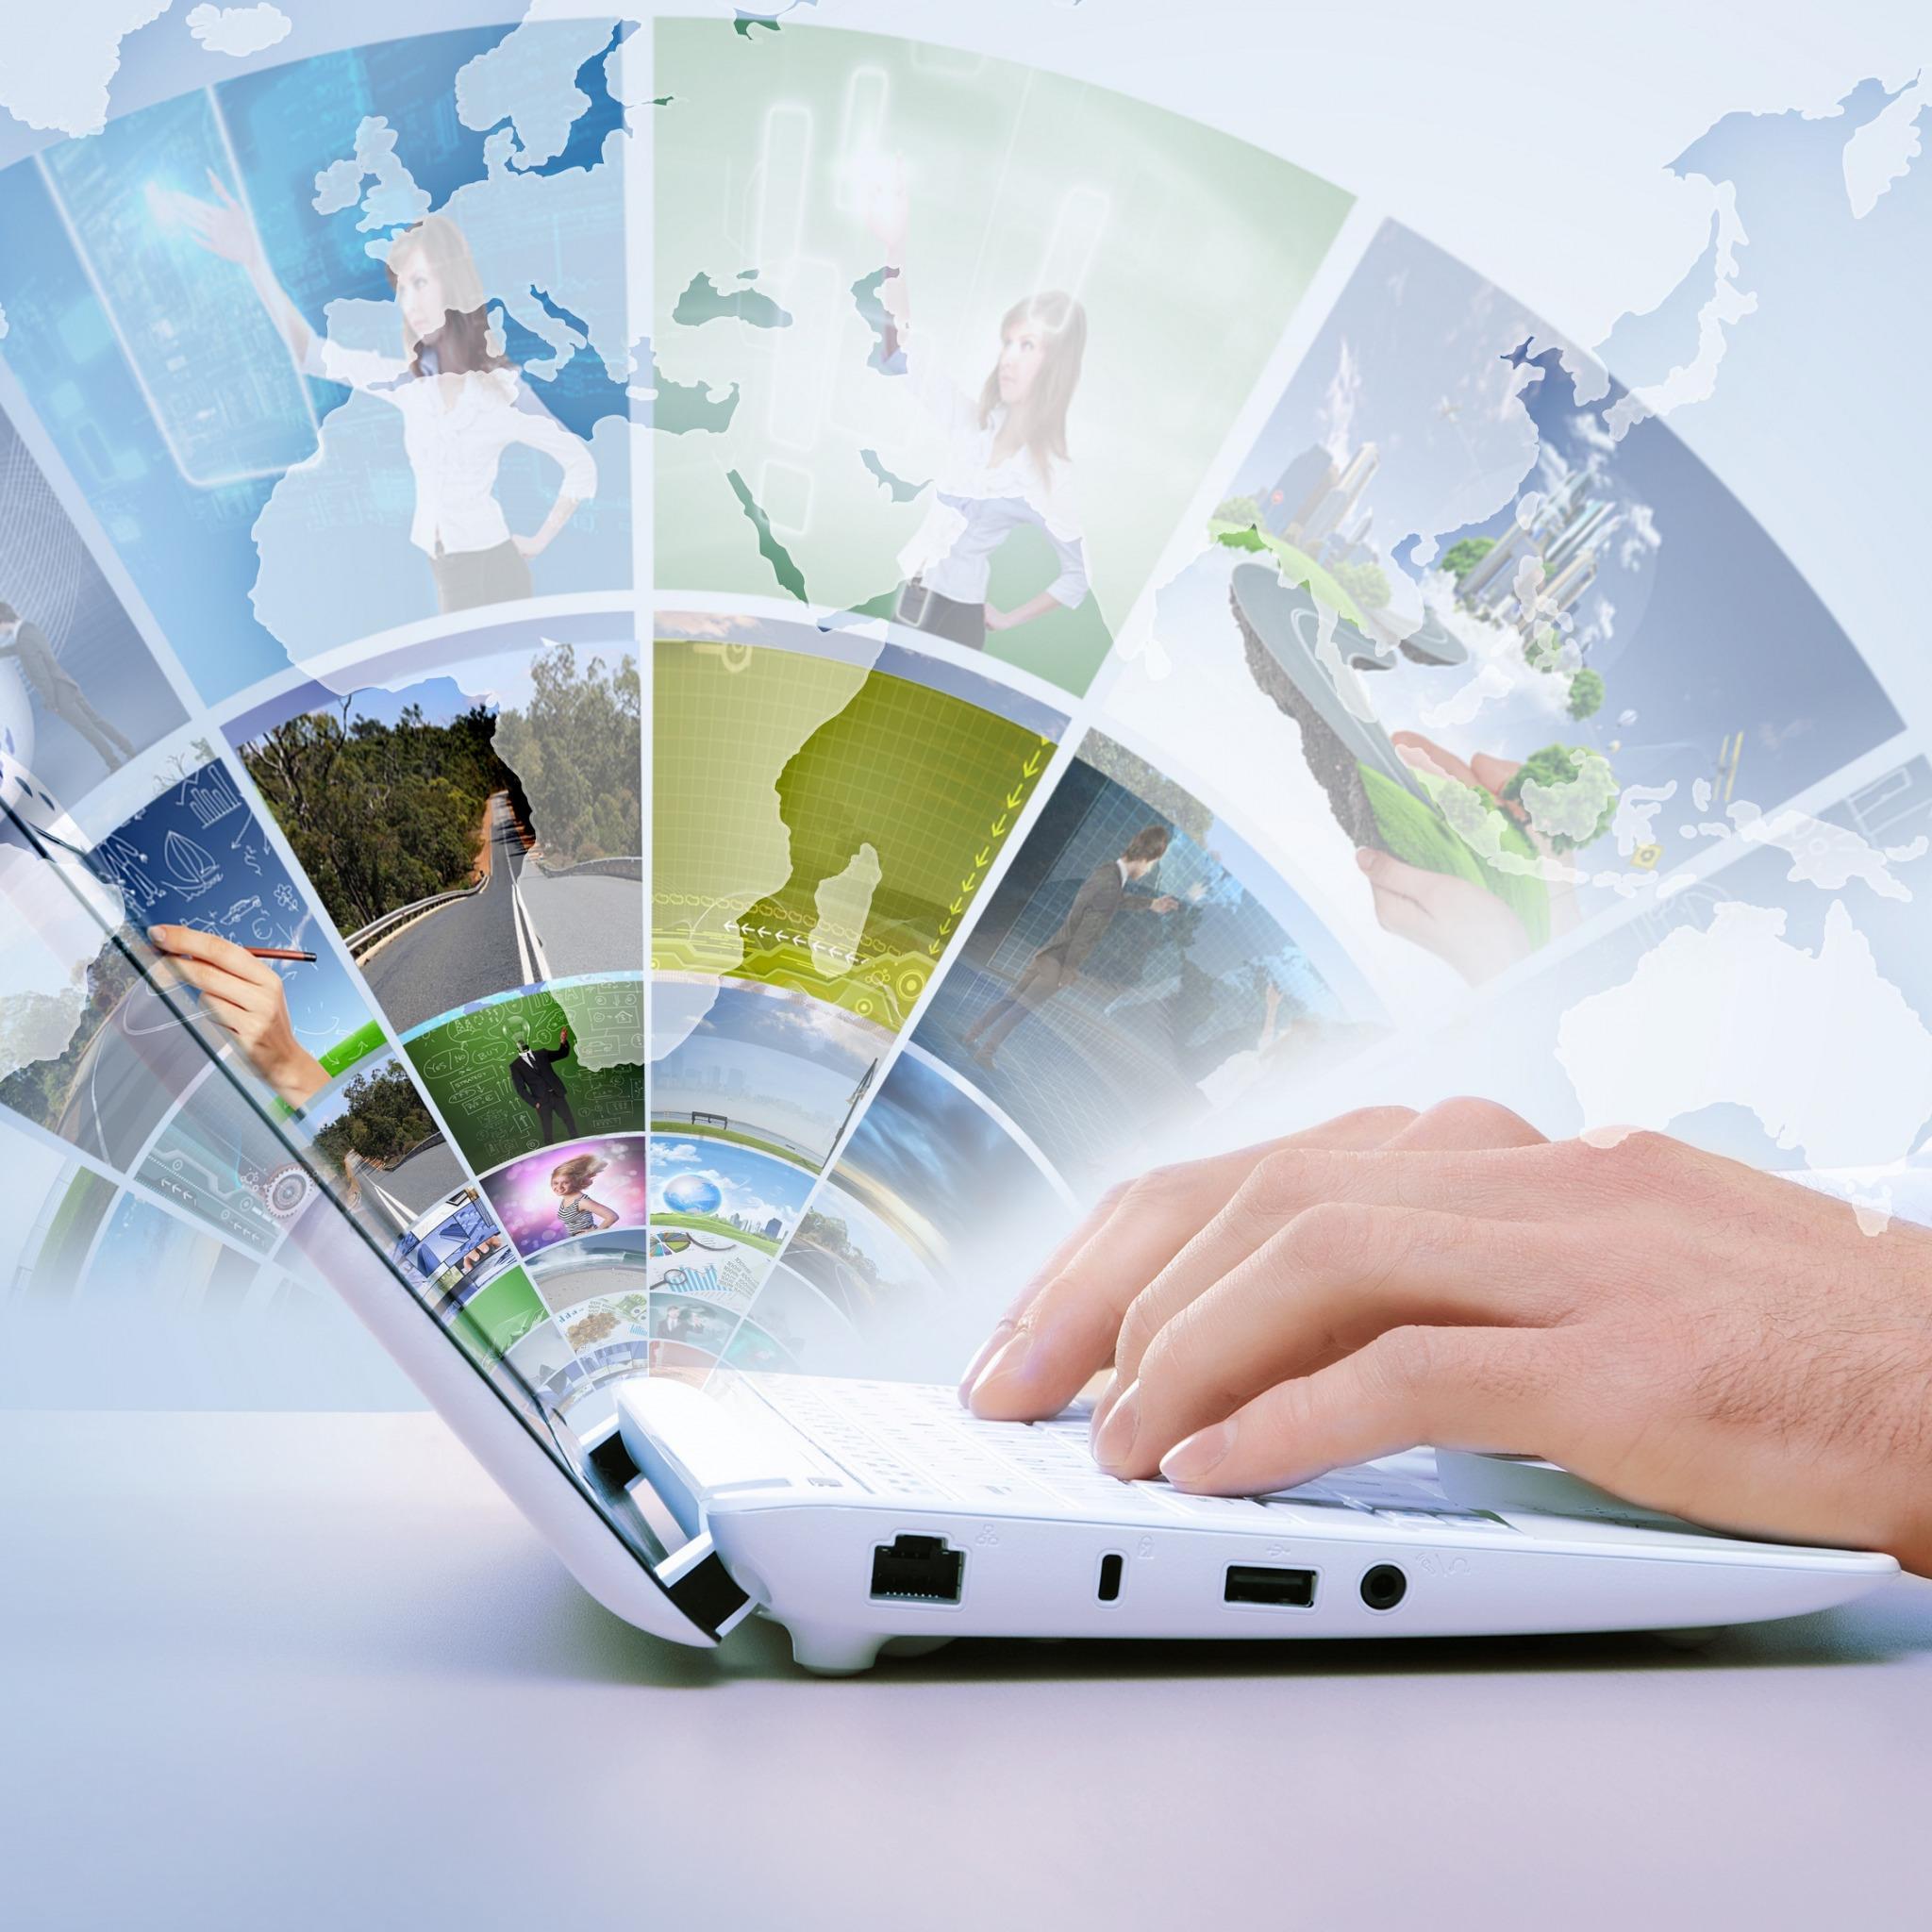 Сайты для поиска картинок для презентаций